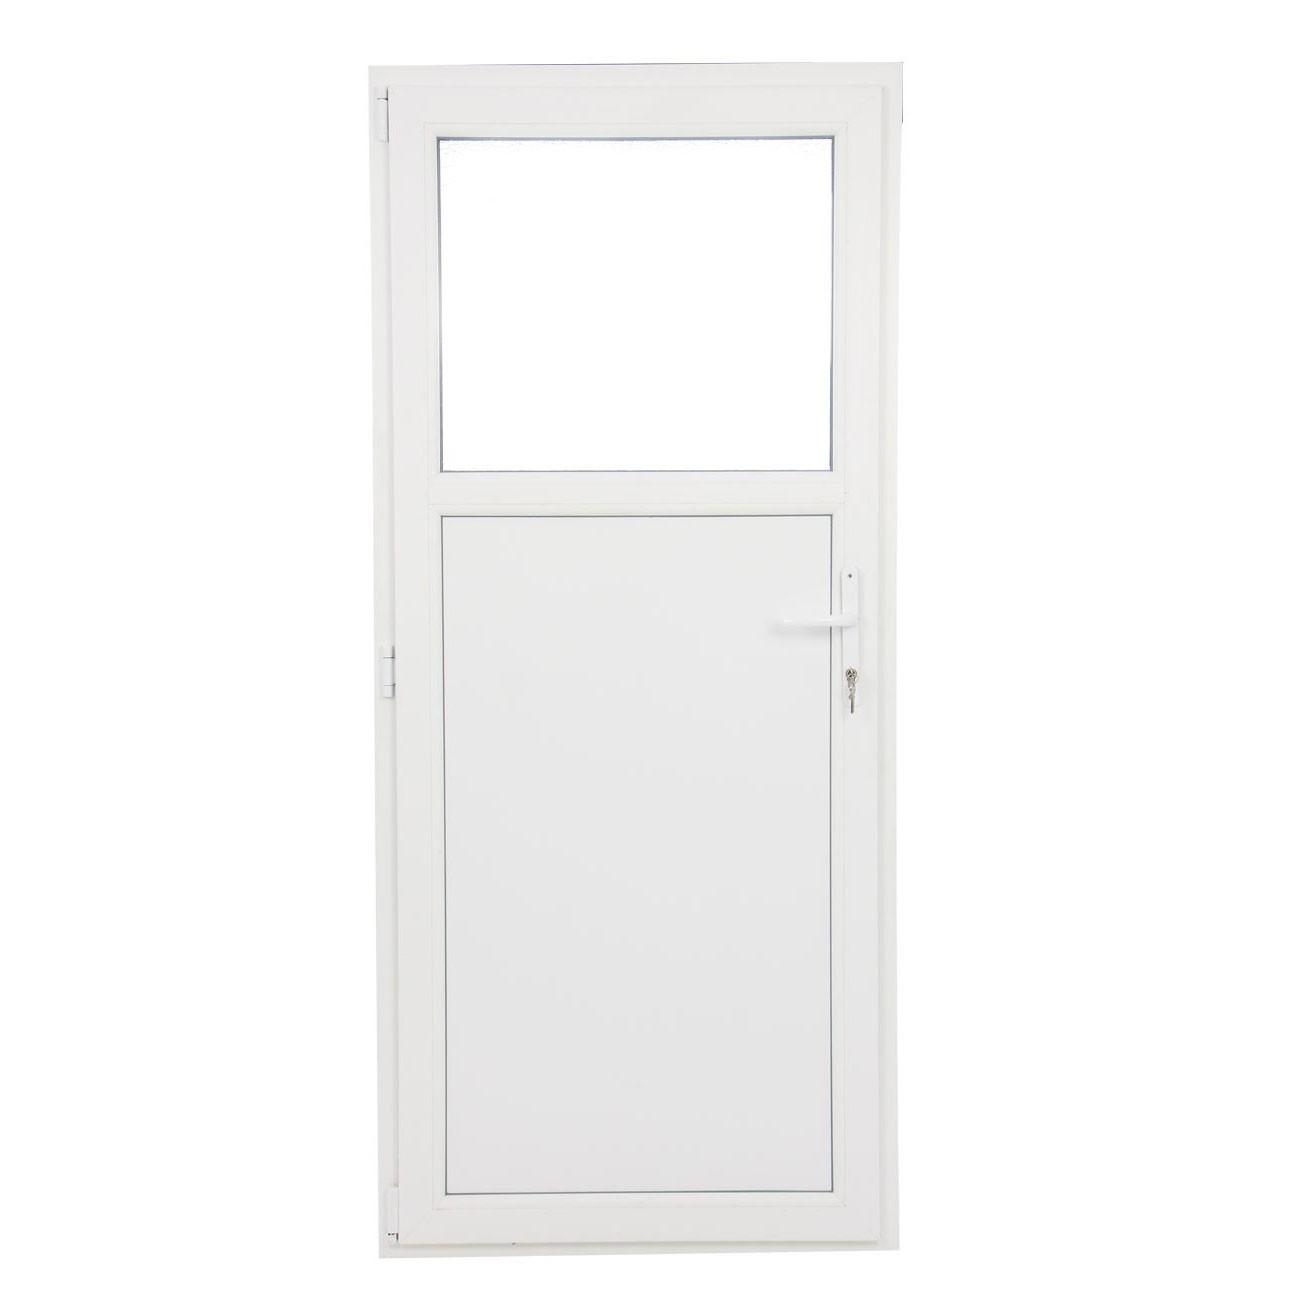 Usa exterior din PVC cu geam termopan 1/3, Far Est Weiss tip 1, 3 camere, prag PVC, stanga, alb, 97 x 197 cm